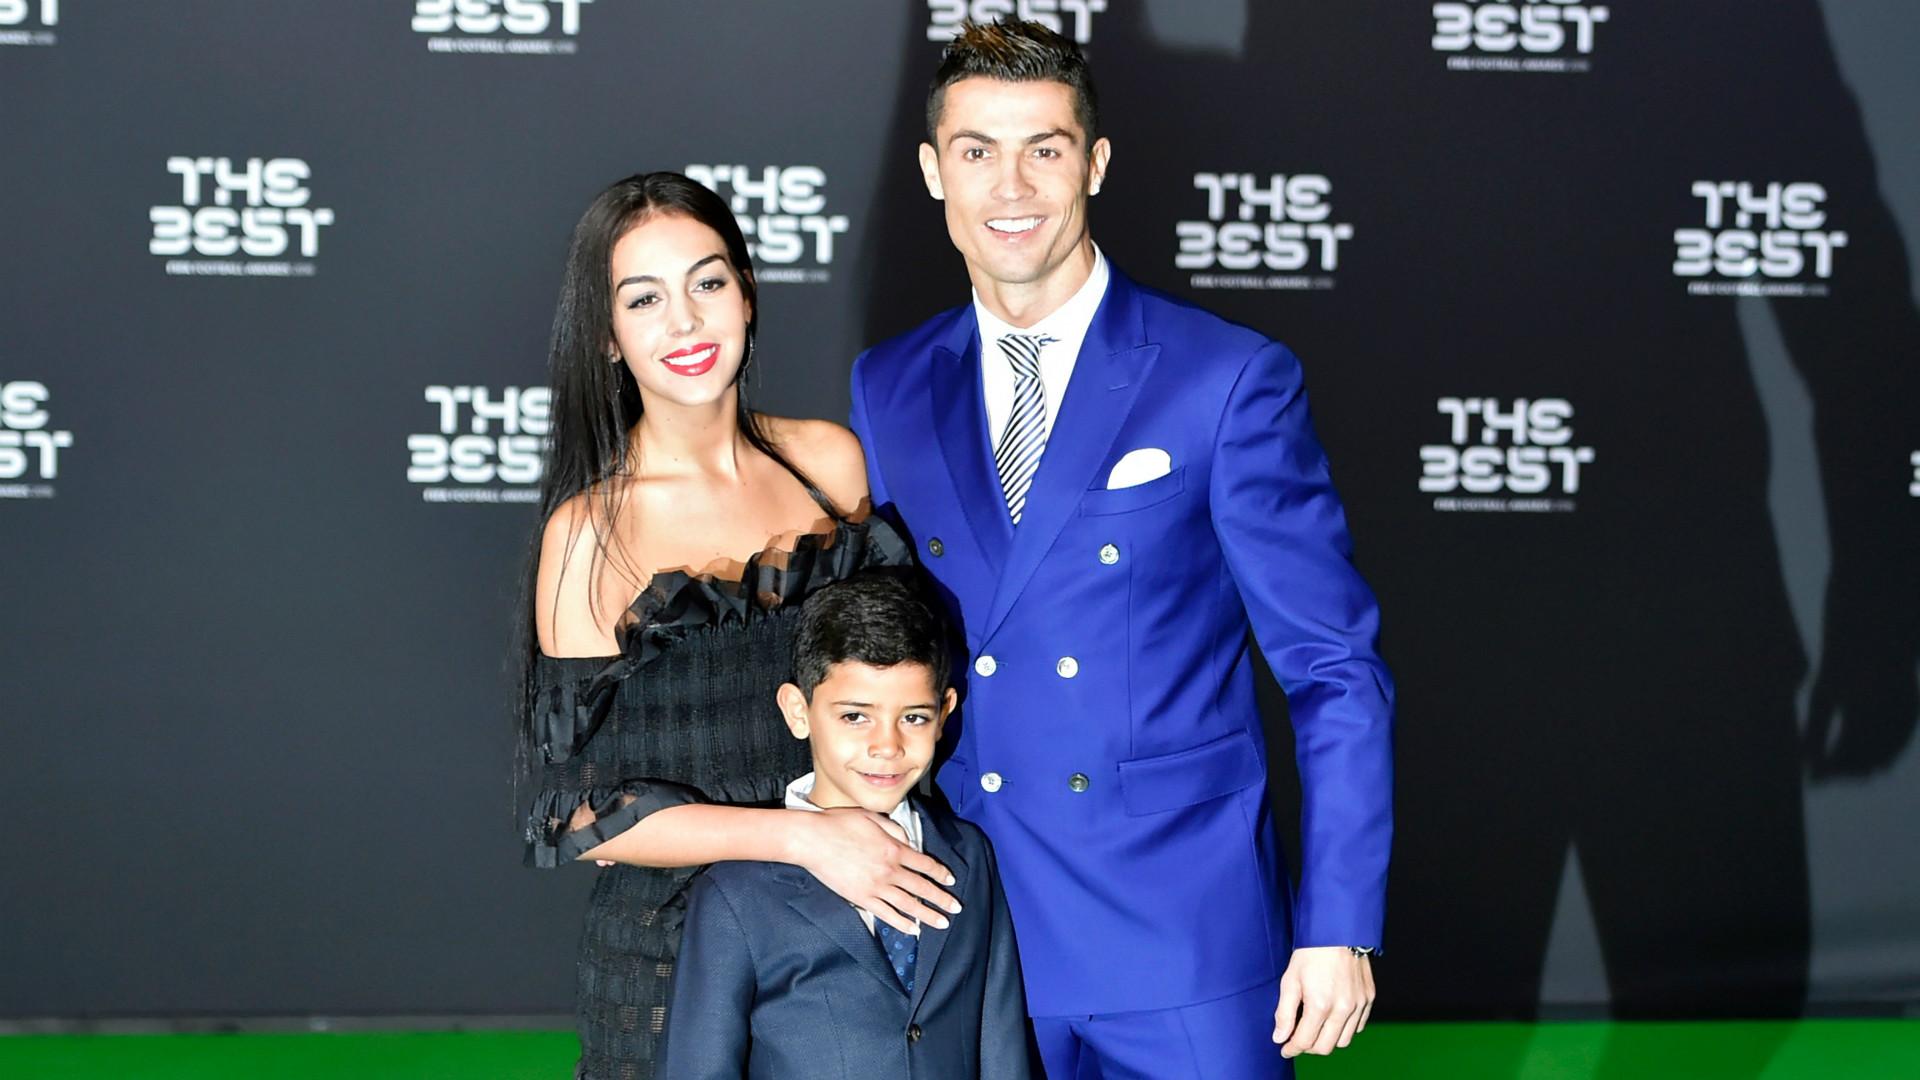 Cristiano Ronaldo nikahi Georgina Rodriguez